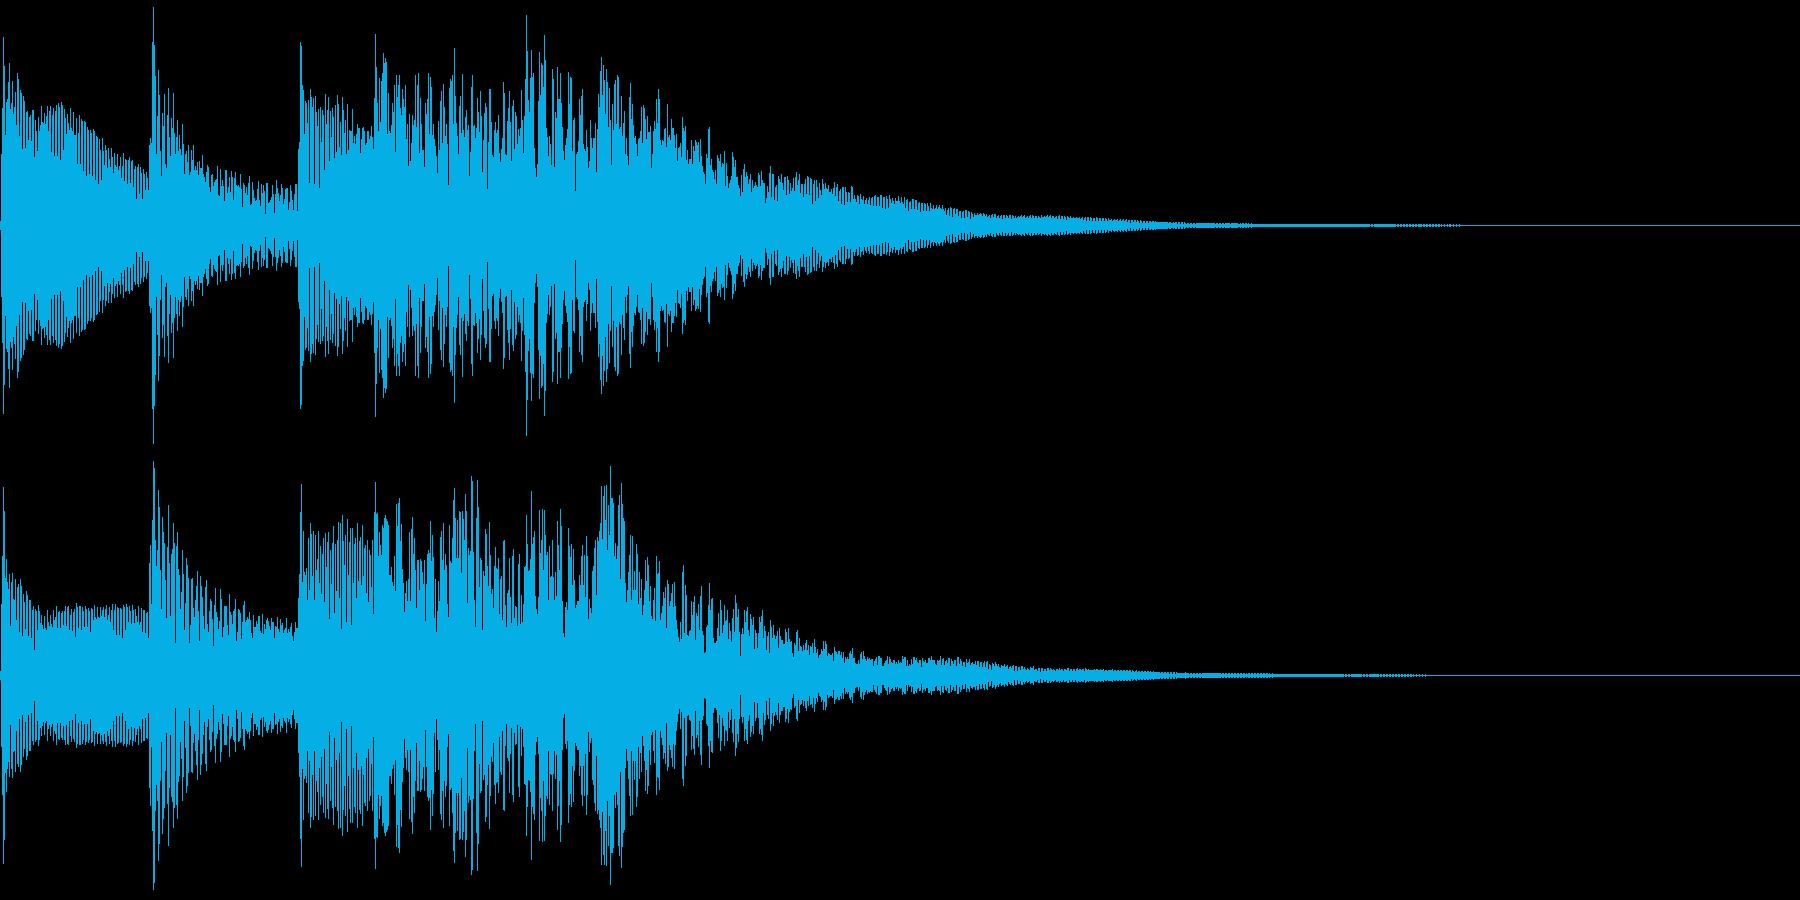 不愉快な効果音の再生済みの波形